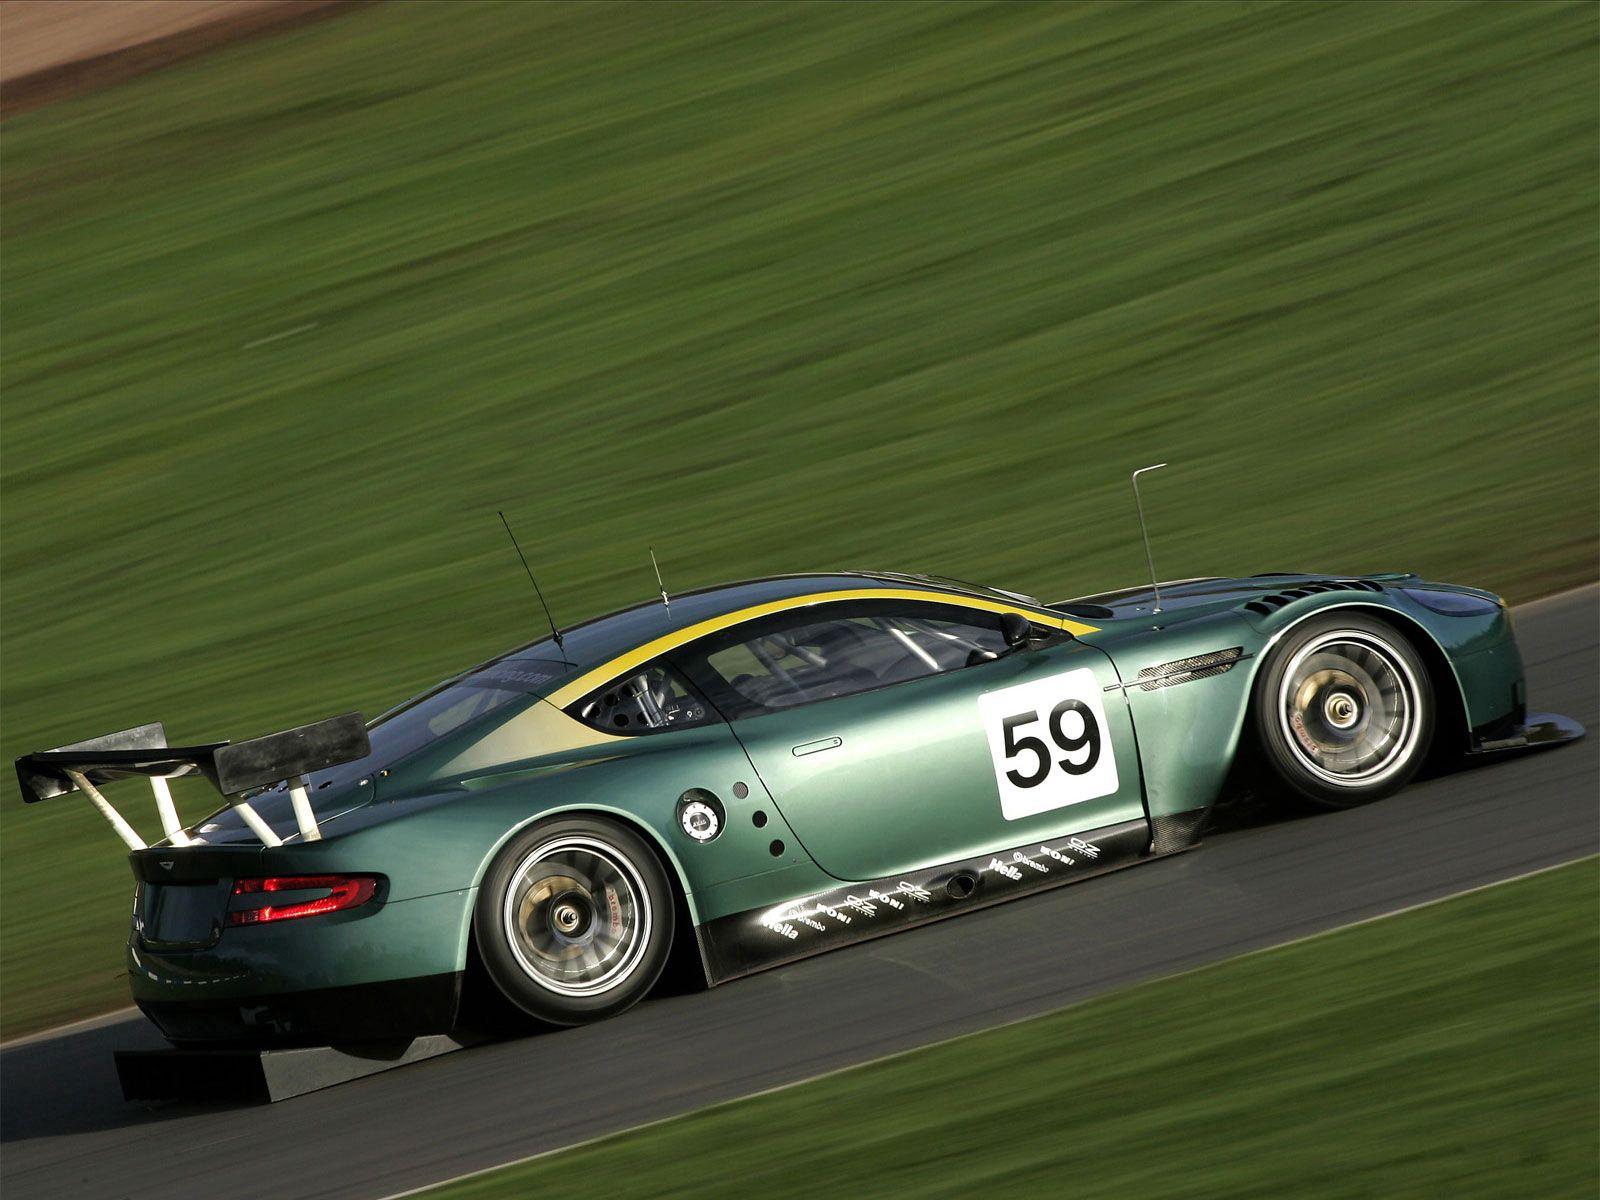 144172 скачать обои Спорт, Машины, Трава, Астон Мартин (Aston Martin), Тачки (Cars), Зеленый, Вид Сбоку, Скорость, Стиль, 2005, Dbr9 - заставки и картинки бесплатно